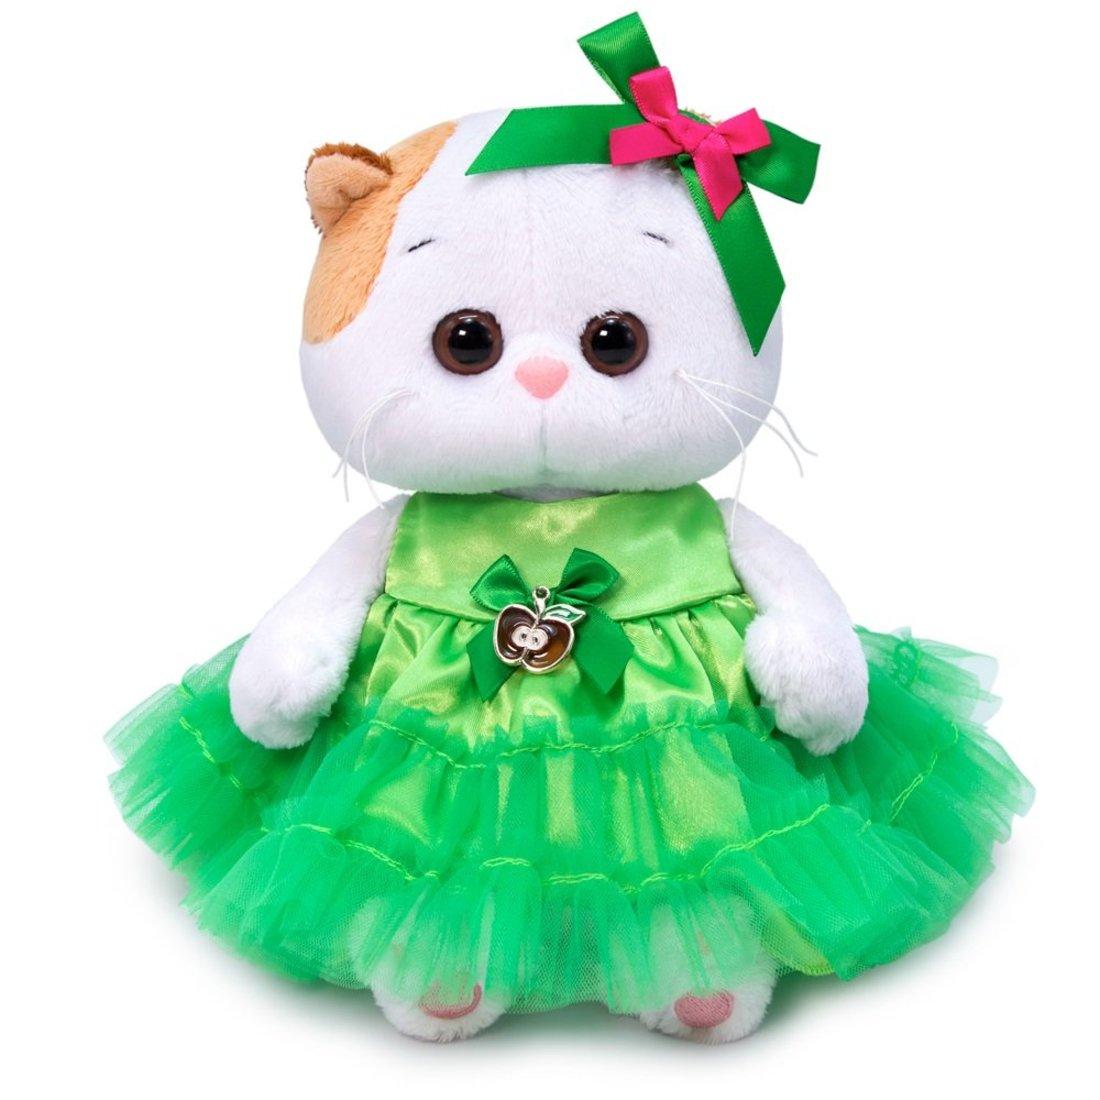 Купить Мягкая игрушка Basik&Ko Кошечка Ли-Ли, Baby, в платье с яблочком, 20 см, BUDI BASA,